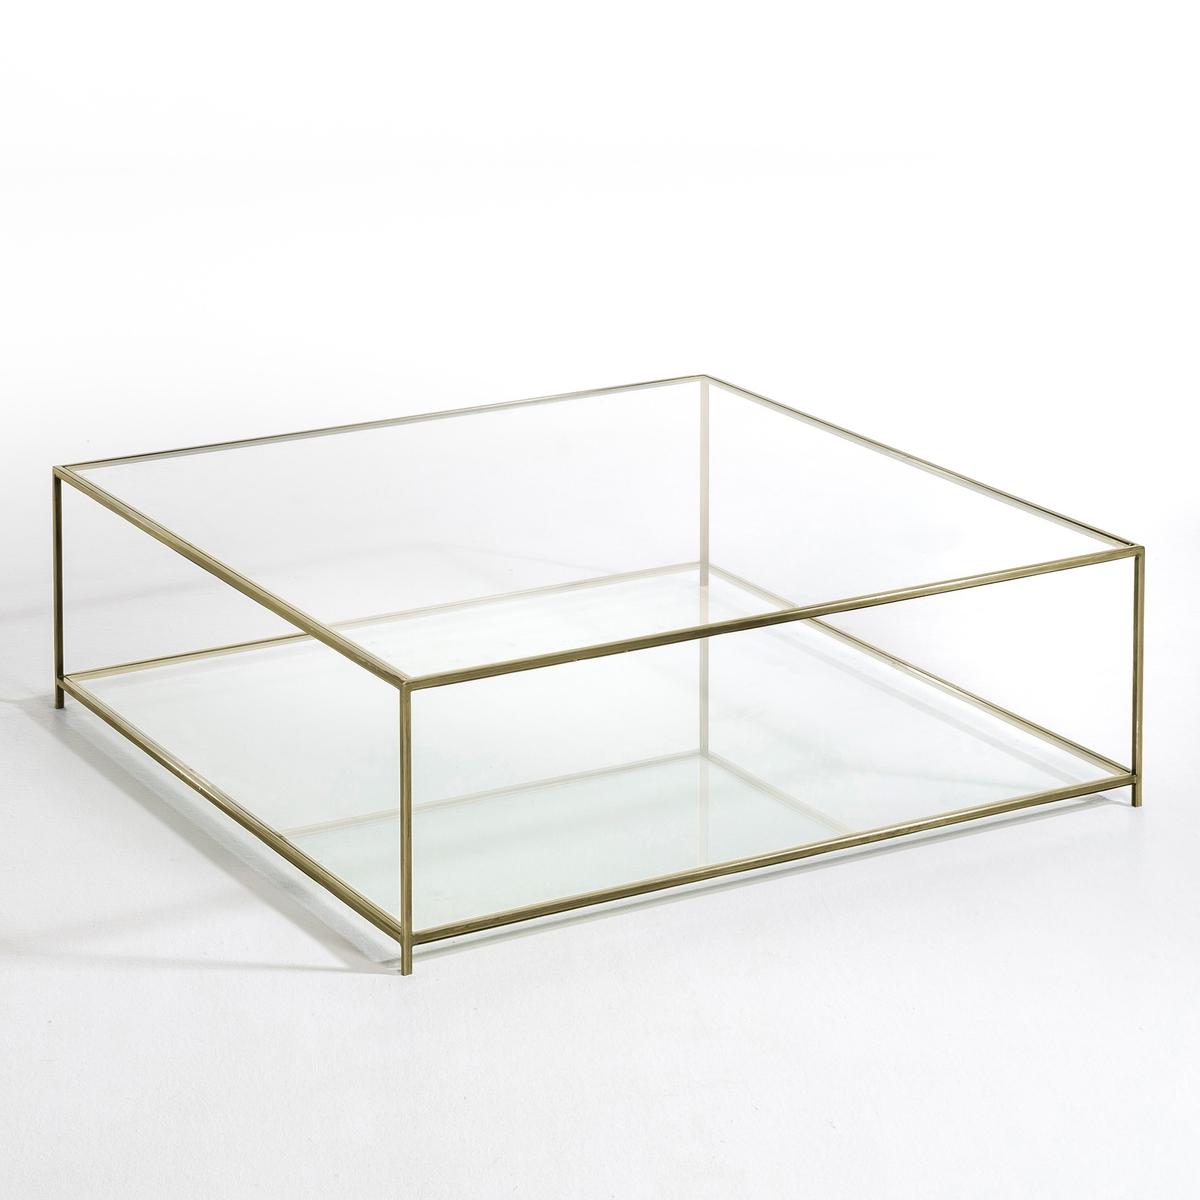 Стол La Redoute Журнальный квадратный из закаленного стекла Sybil единый размер другие